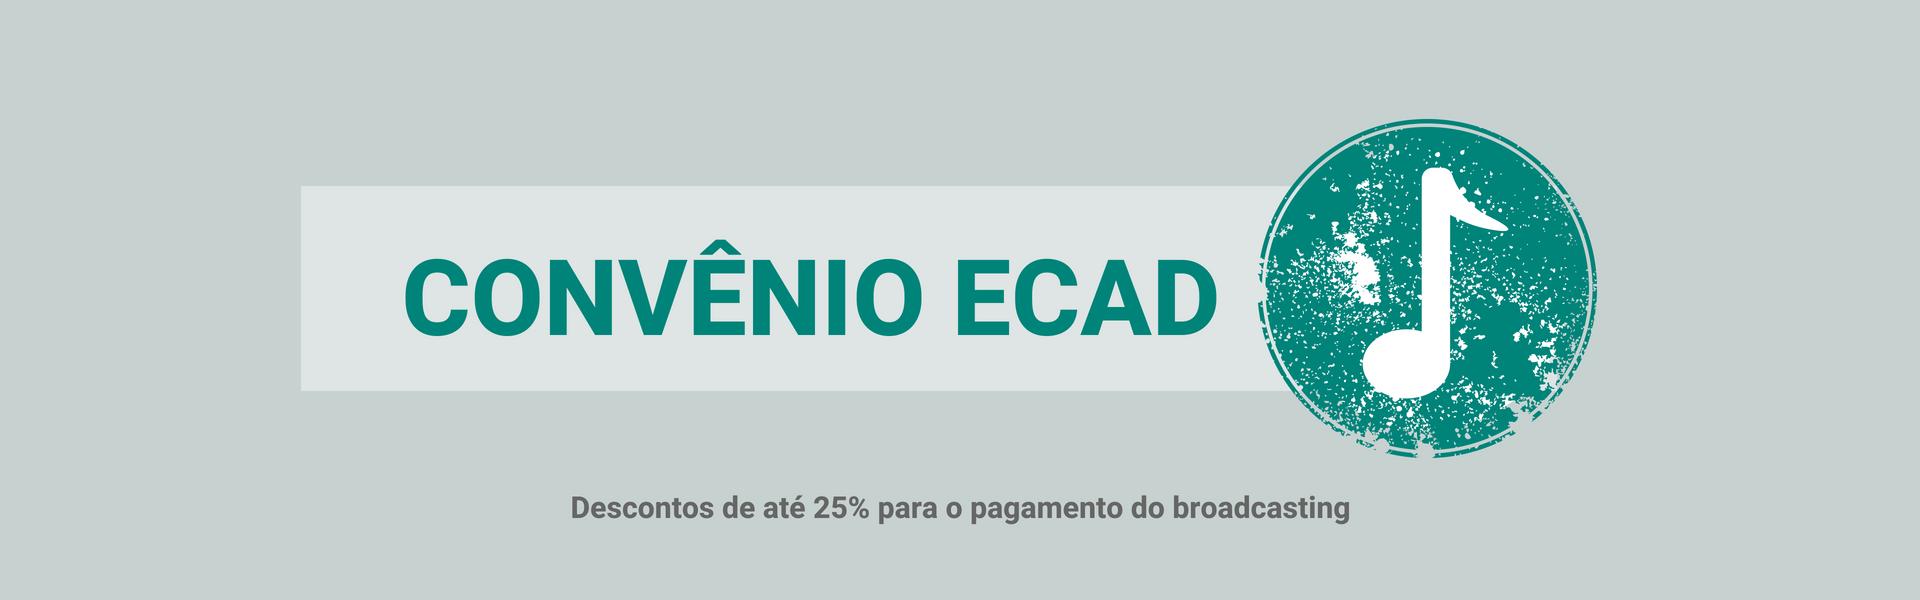 96ec011fc1 ABERT - Associação Brasileira de Emissoras de Rádio e Televisão